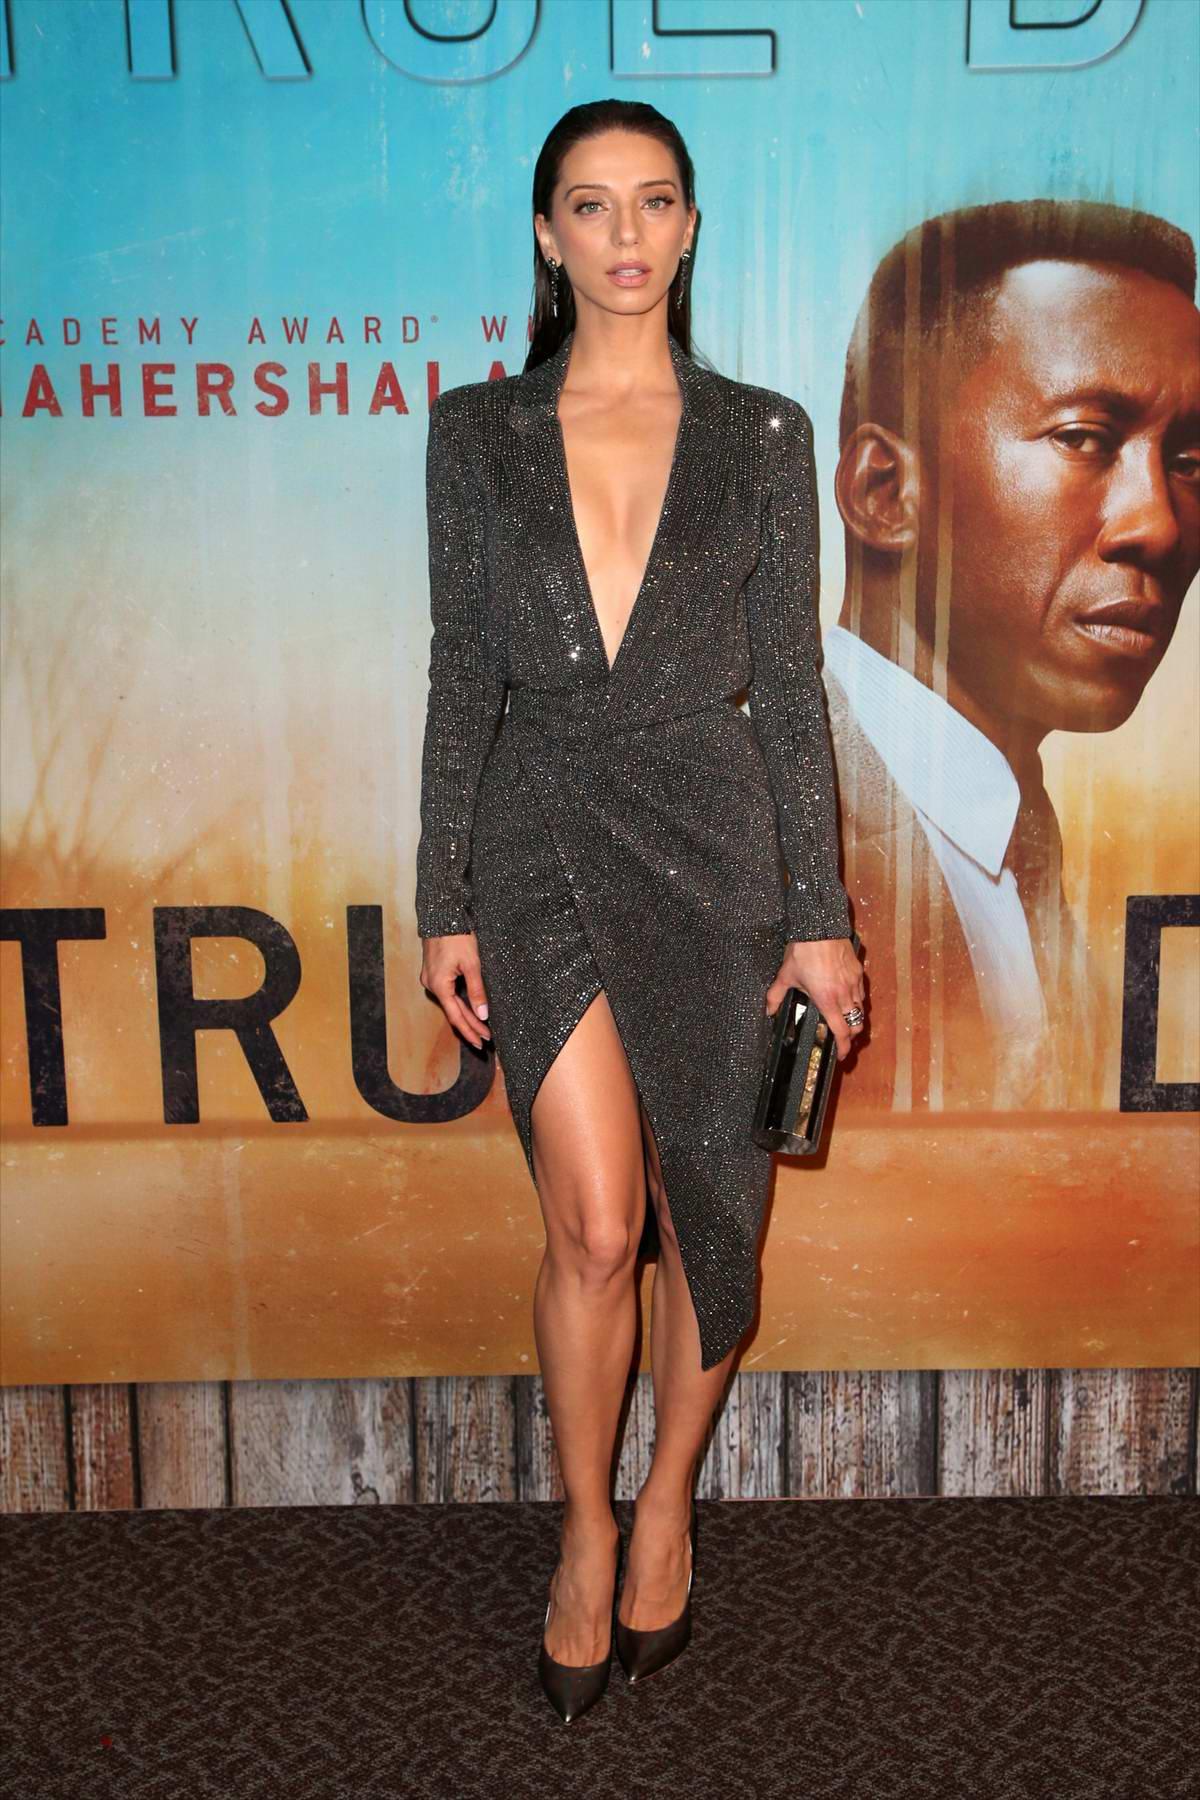 Angela Sarafyan attends 'True Detective' Season 3 Premiere in Los Angeles